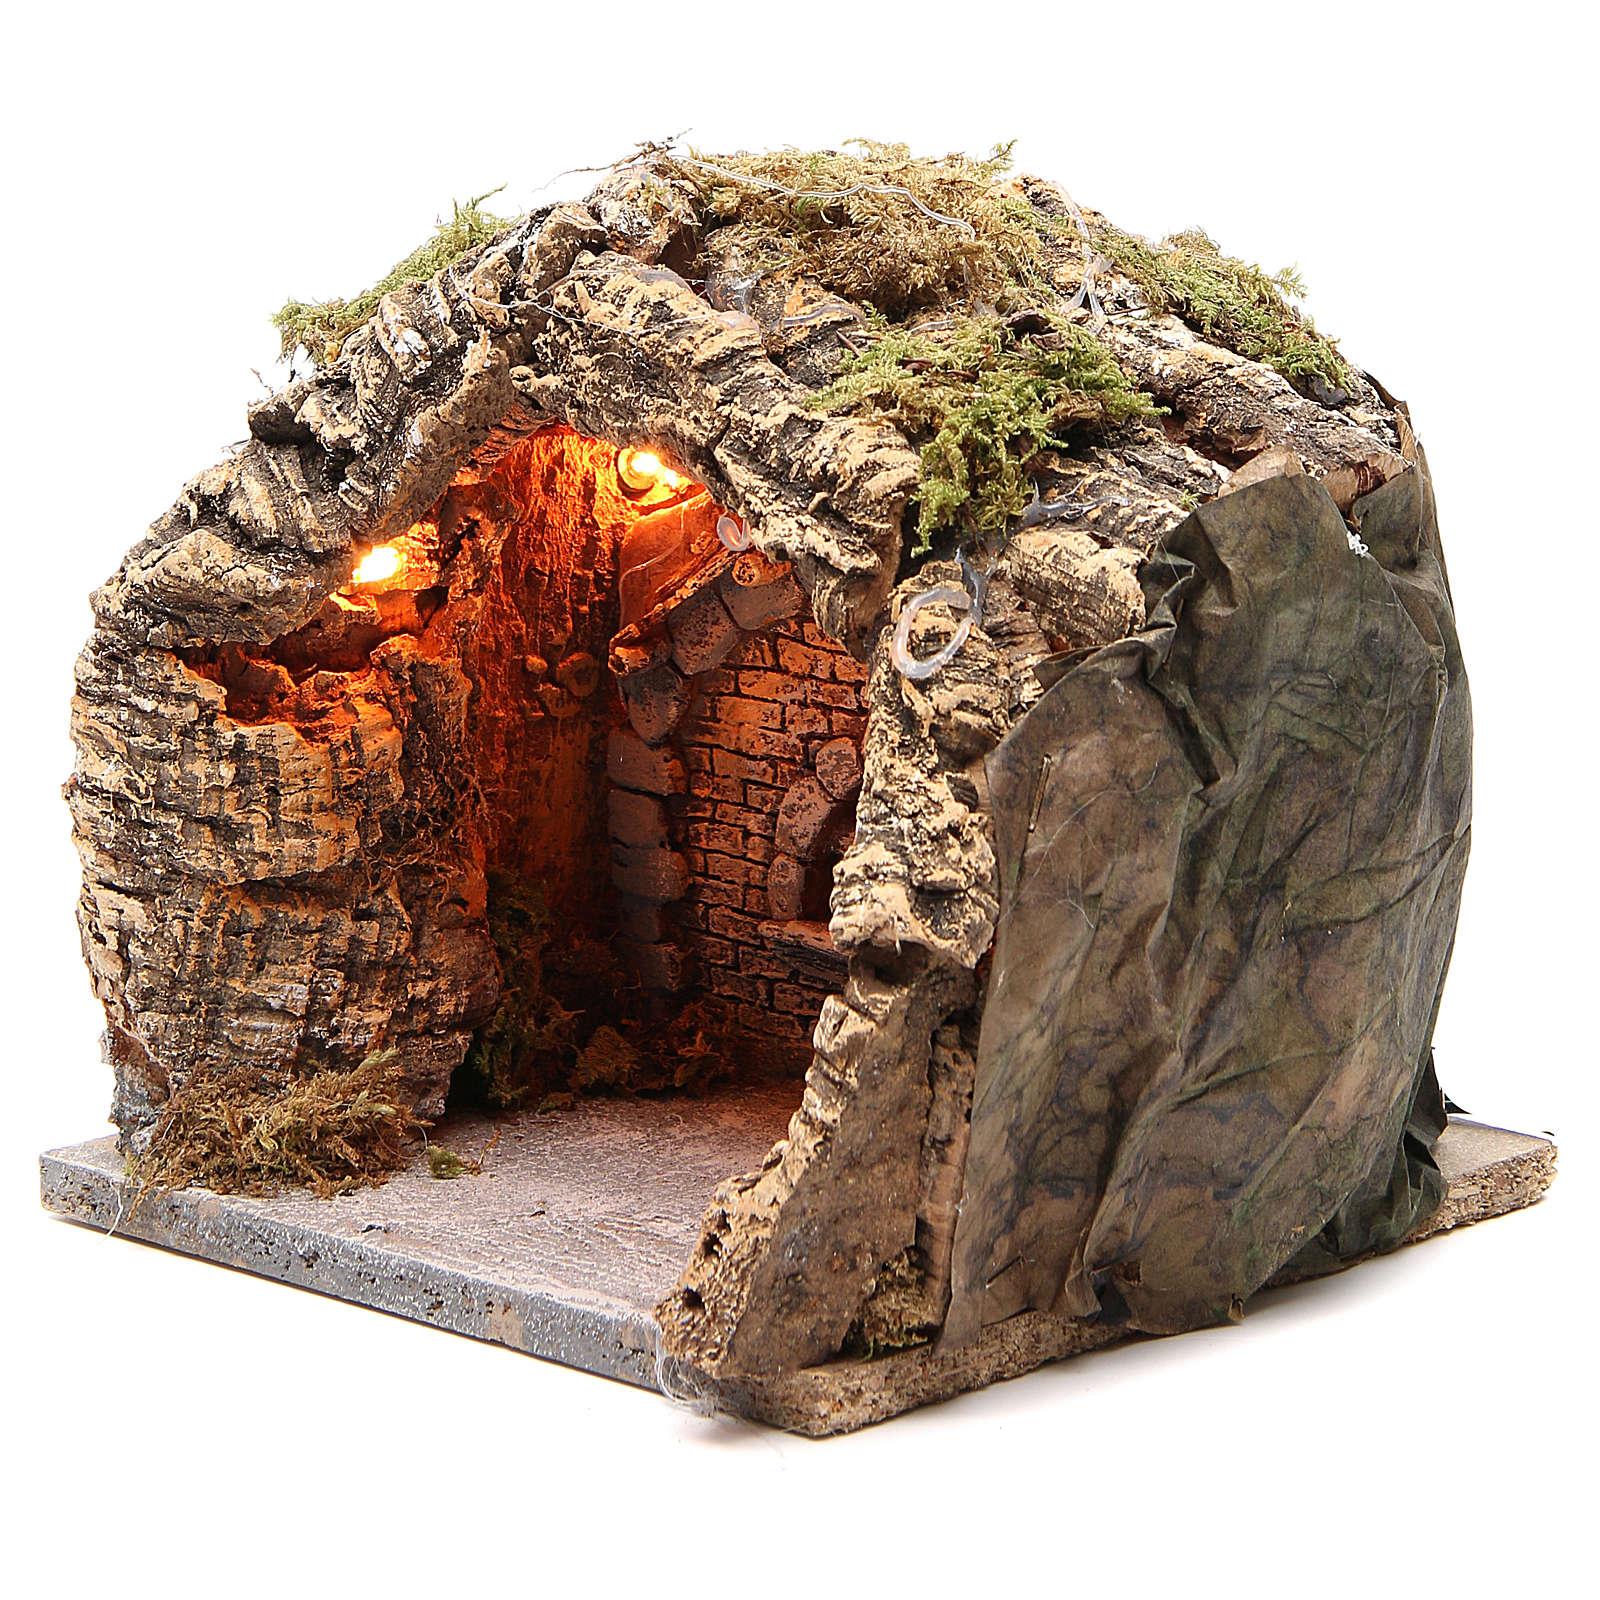 Illuminated grotto in cork for Neapolitan nativity 20x20x18cm 4